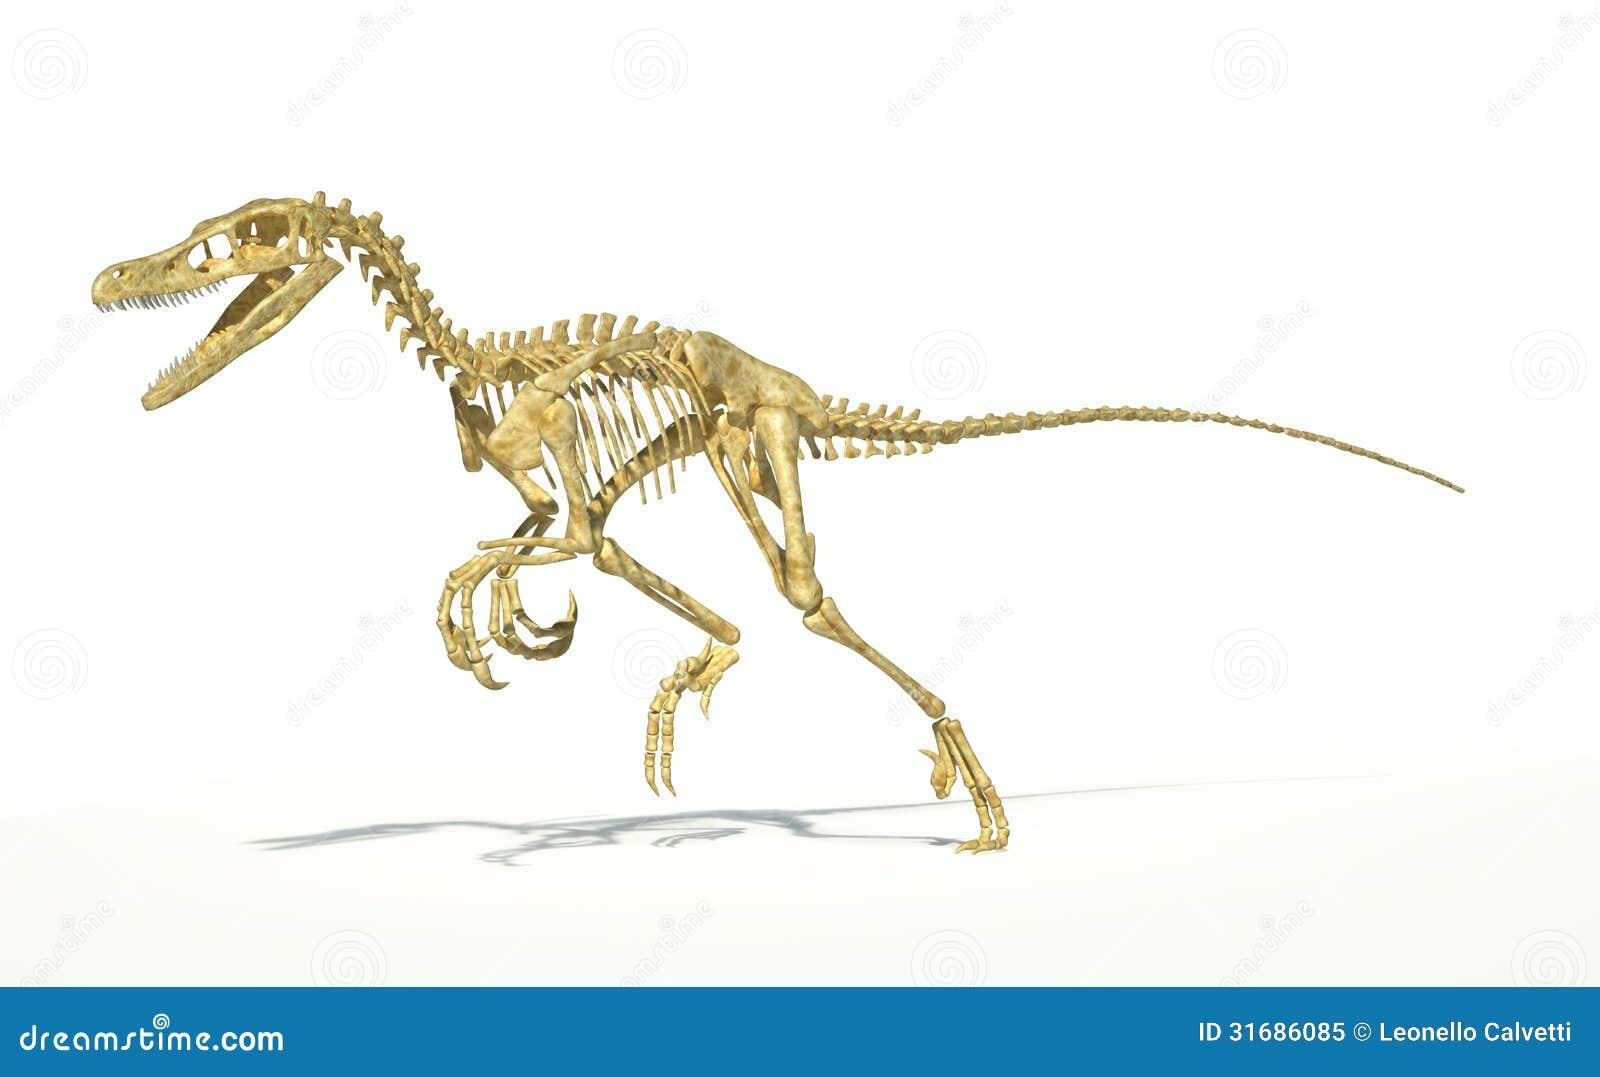 dinosaure de velociraptor plein squelette scientifiquement correct photo libre de droits